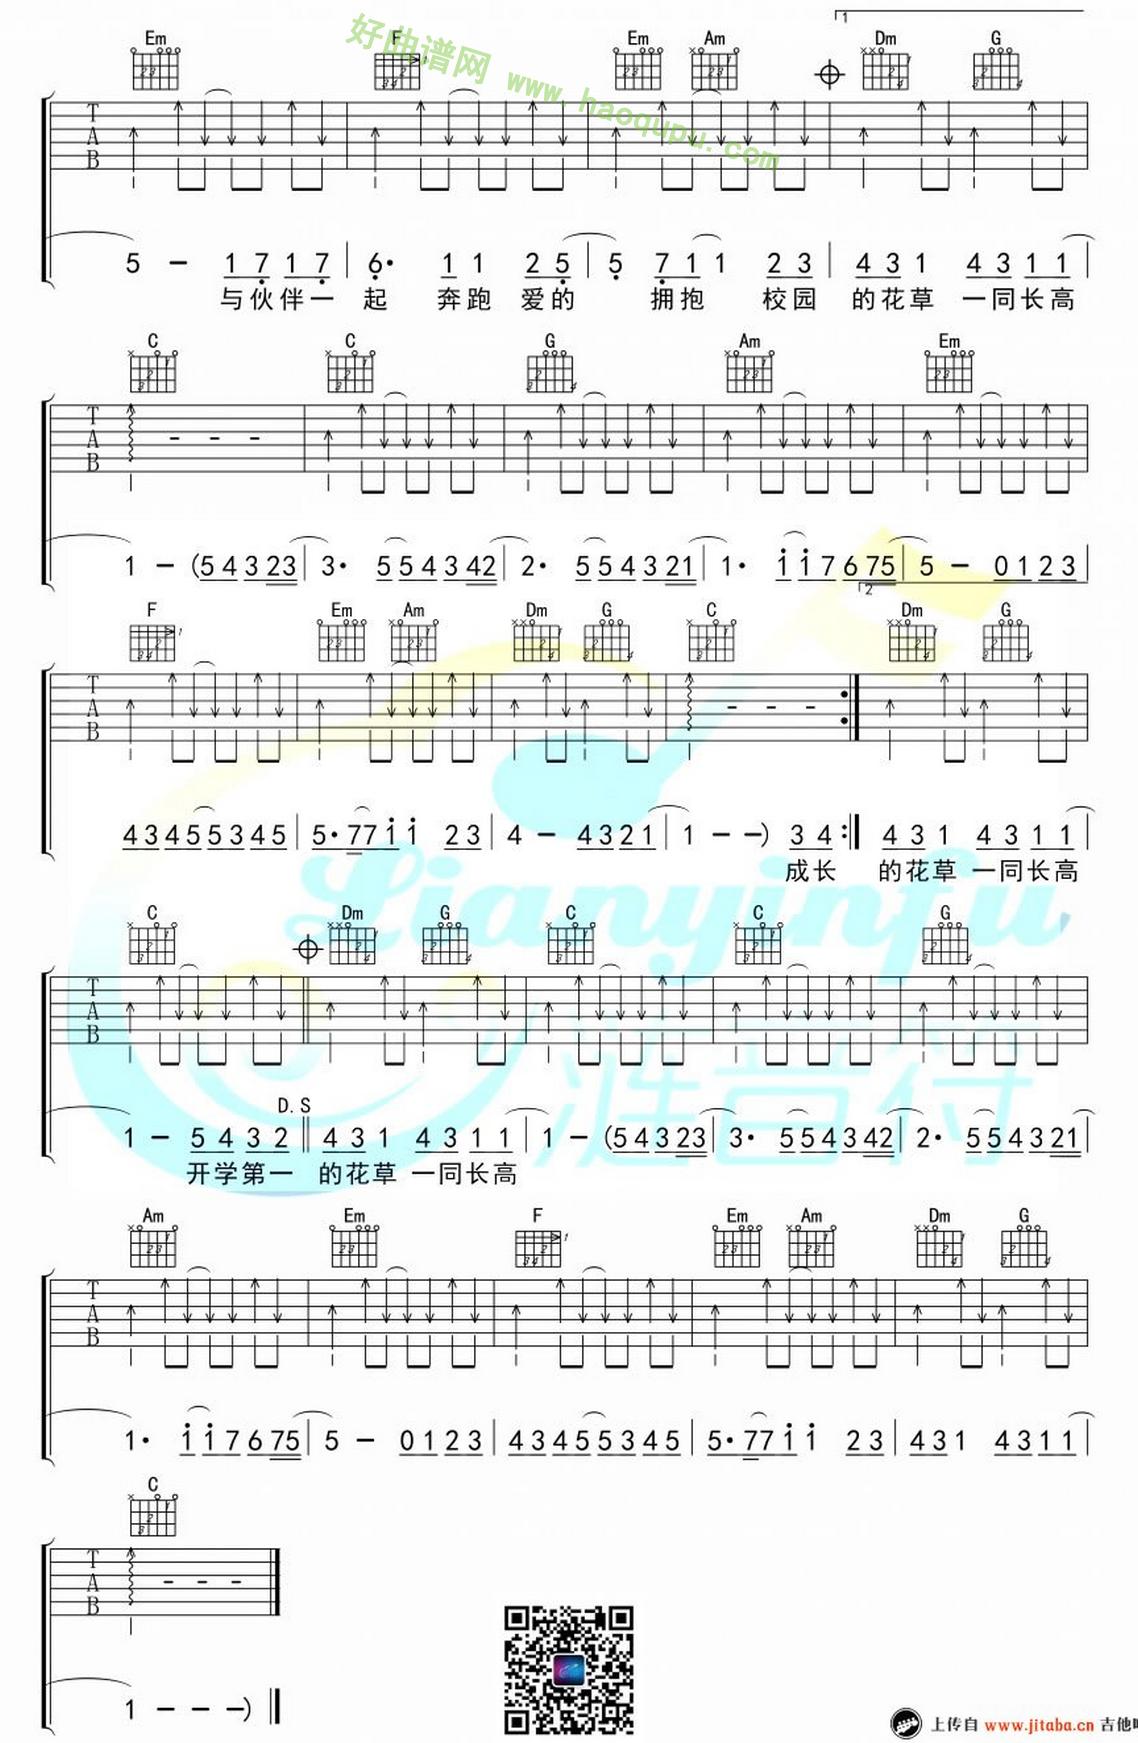 开学第一课 TFBOYS演唱 吉他谱